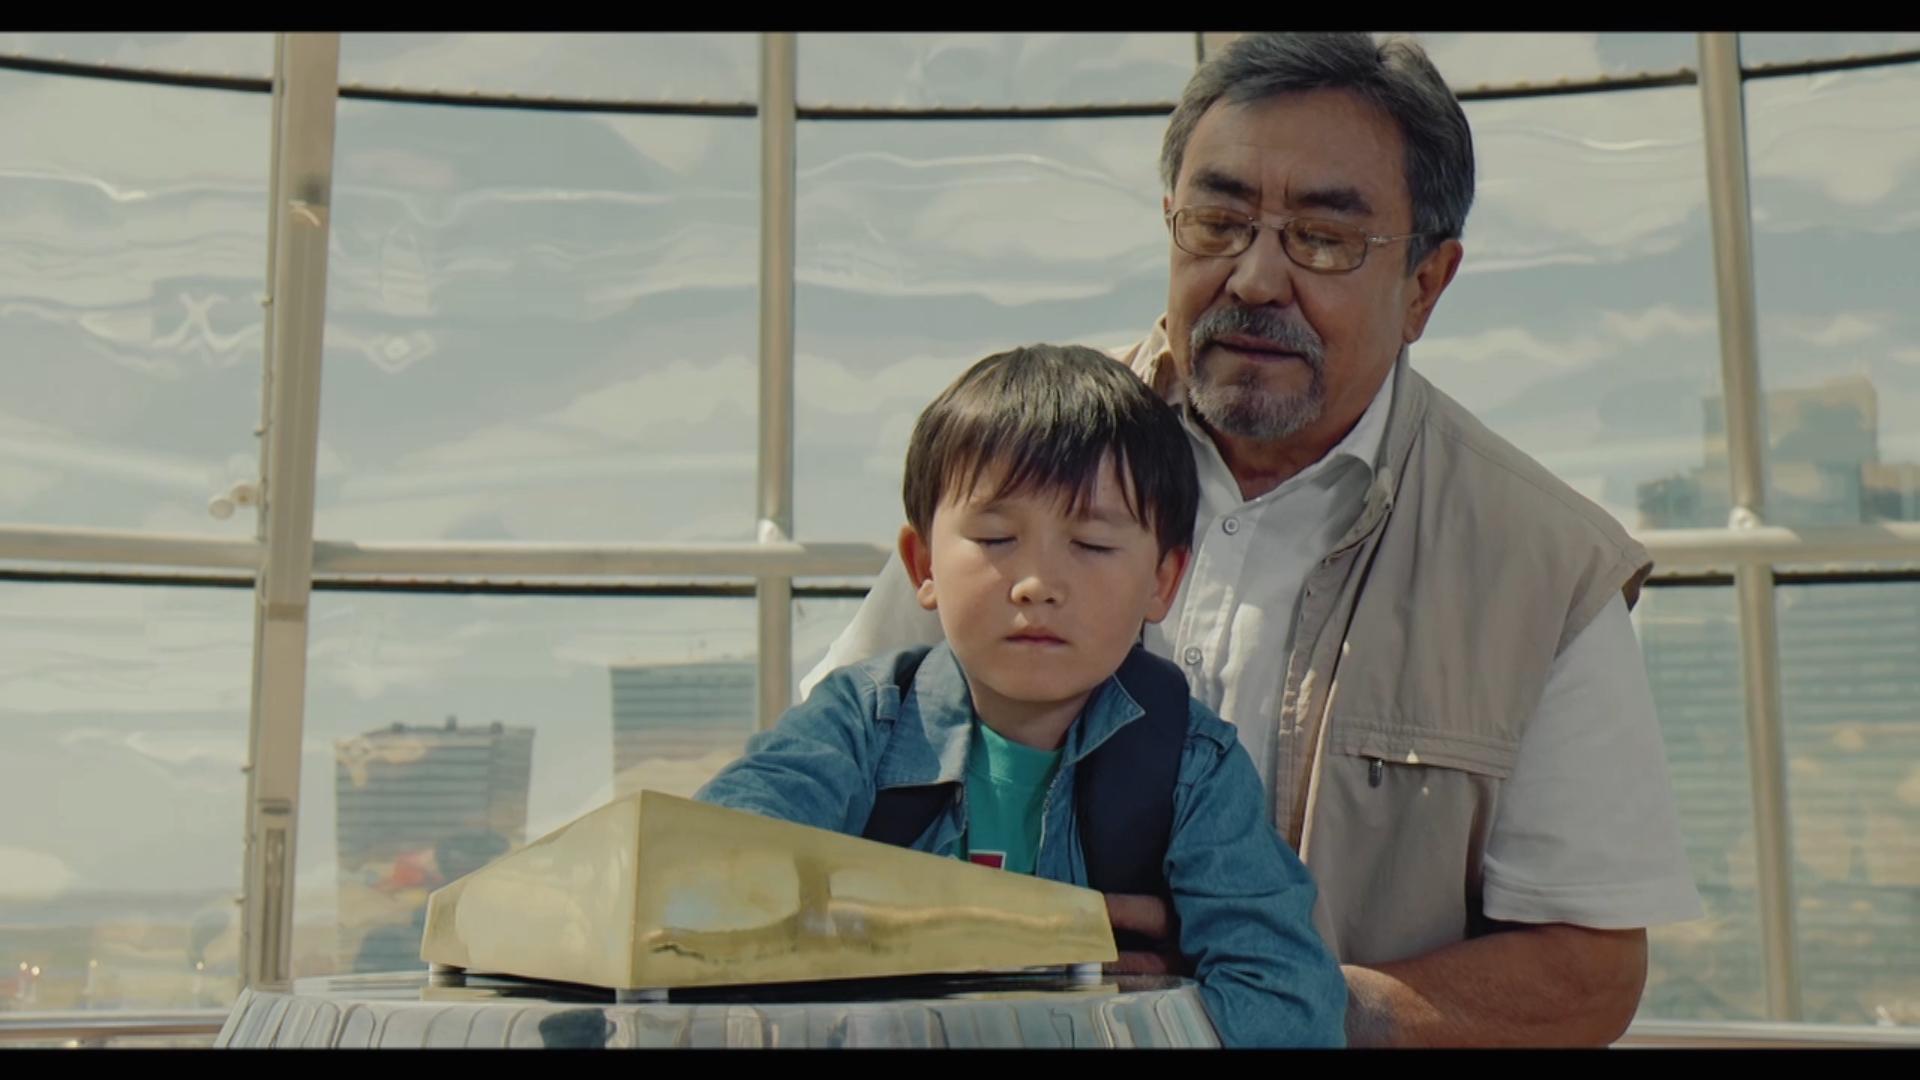 Фильм Талгата Теменова признан лучшим детским фильмом на кинофестивале в Бангладеш